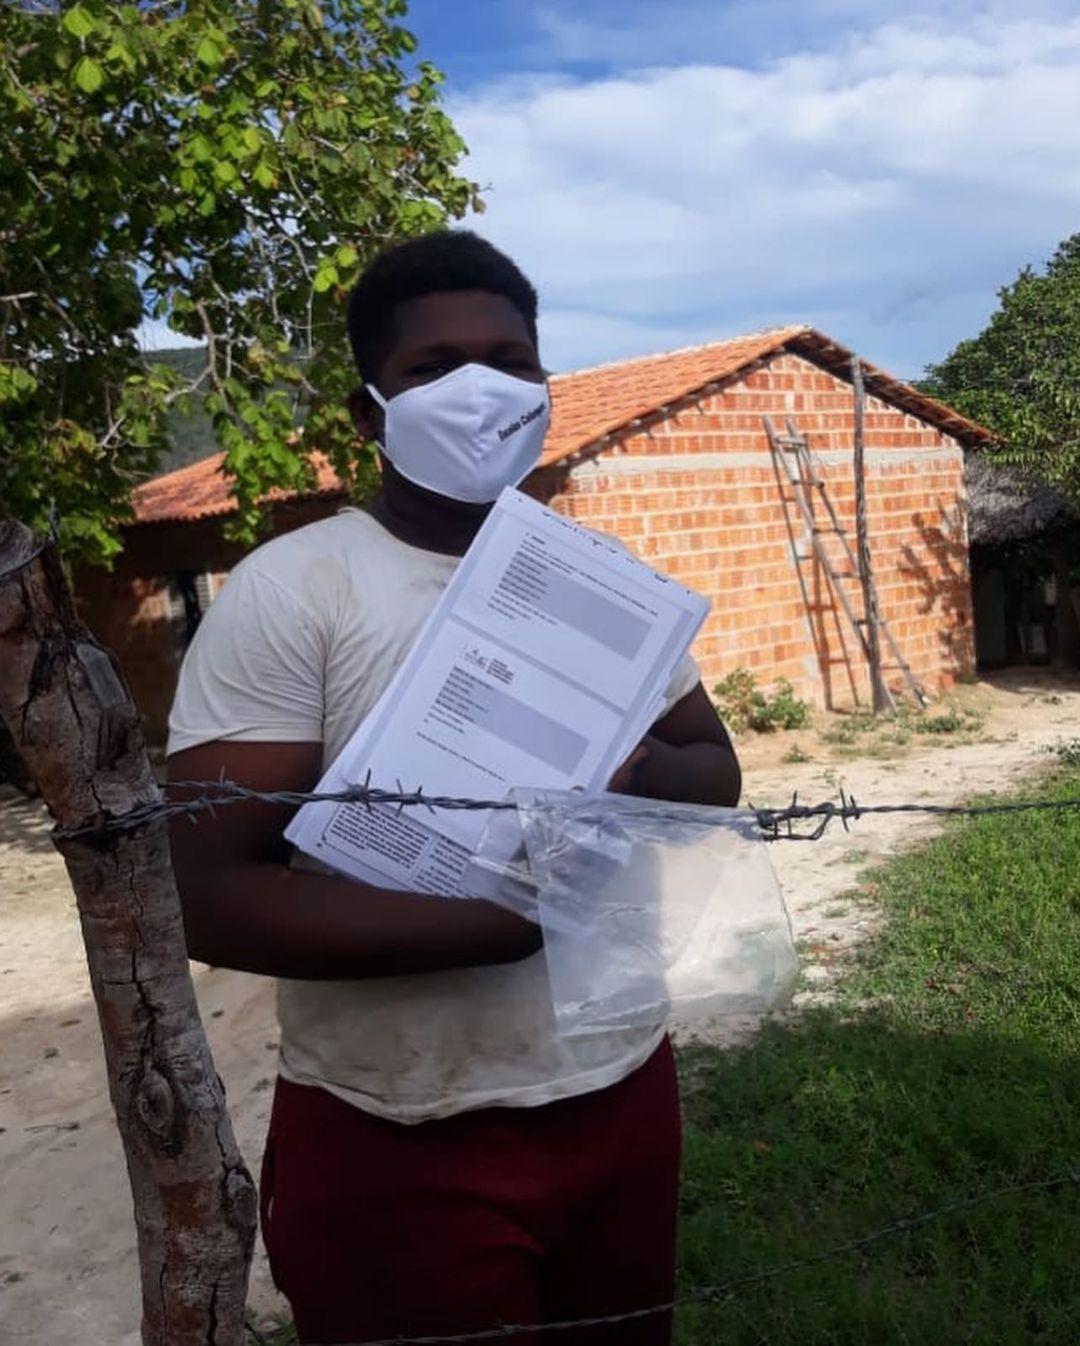 Entrega de atividades impressas do programa de ensino por mediação tecnológica GoiásTec em Cavalcante